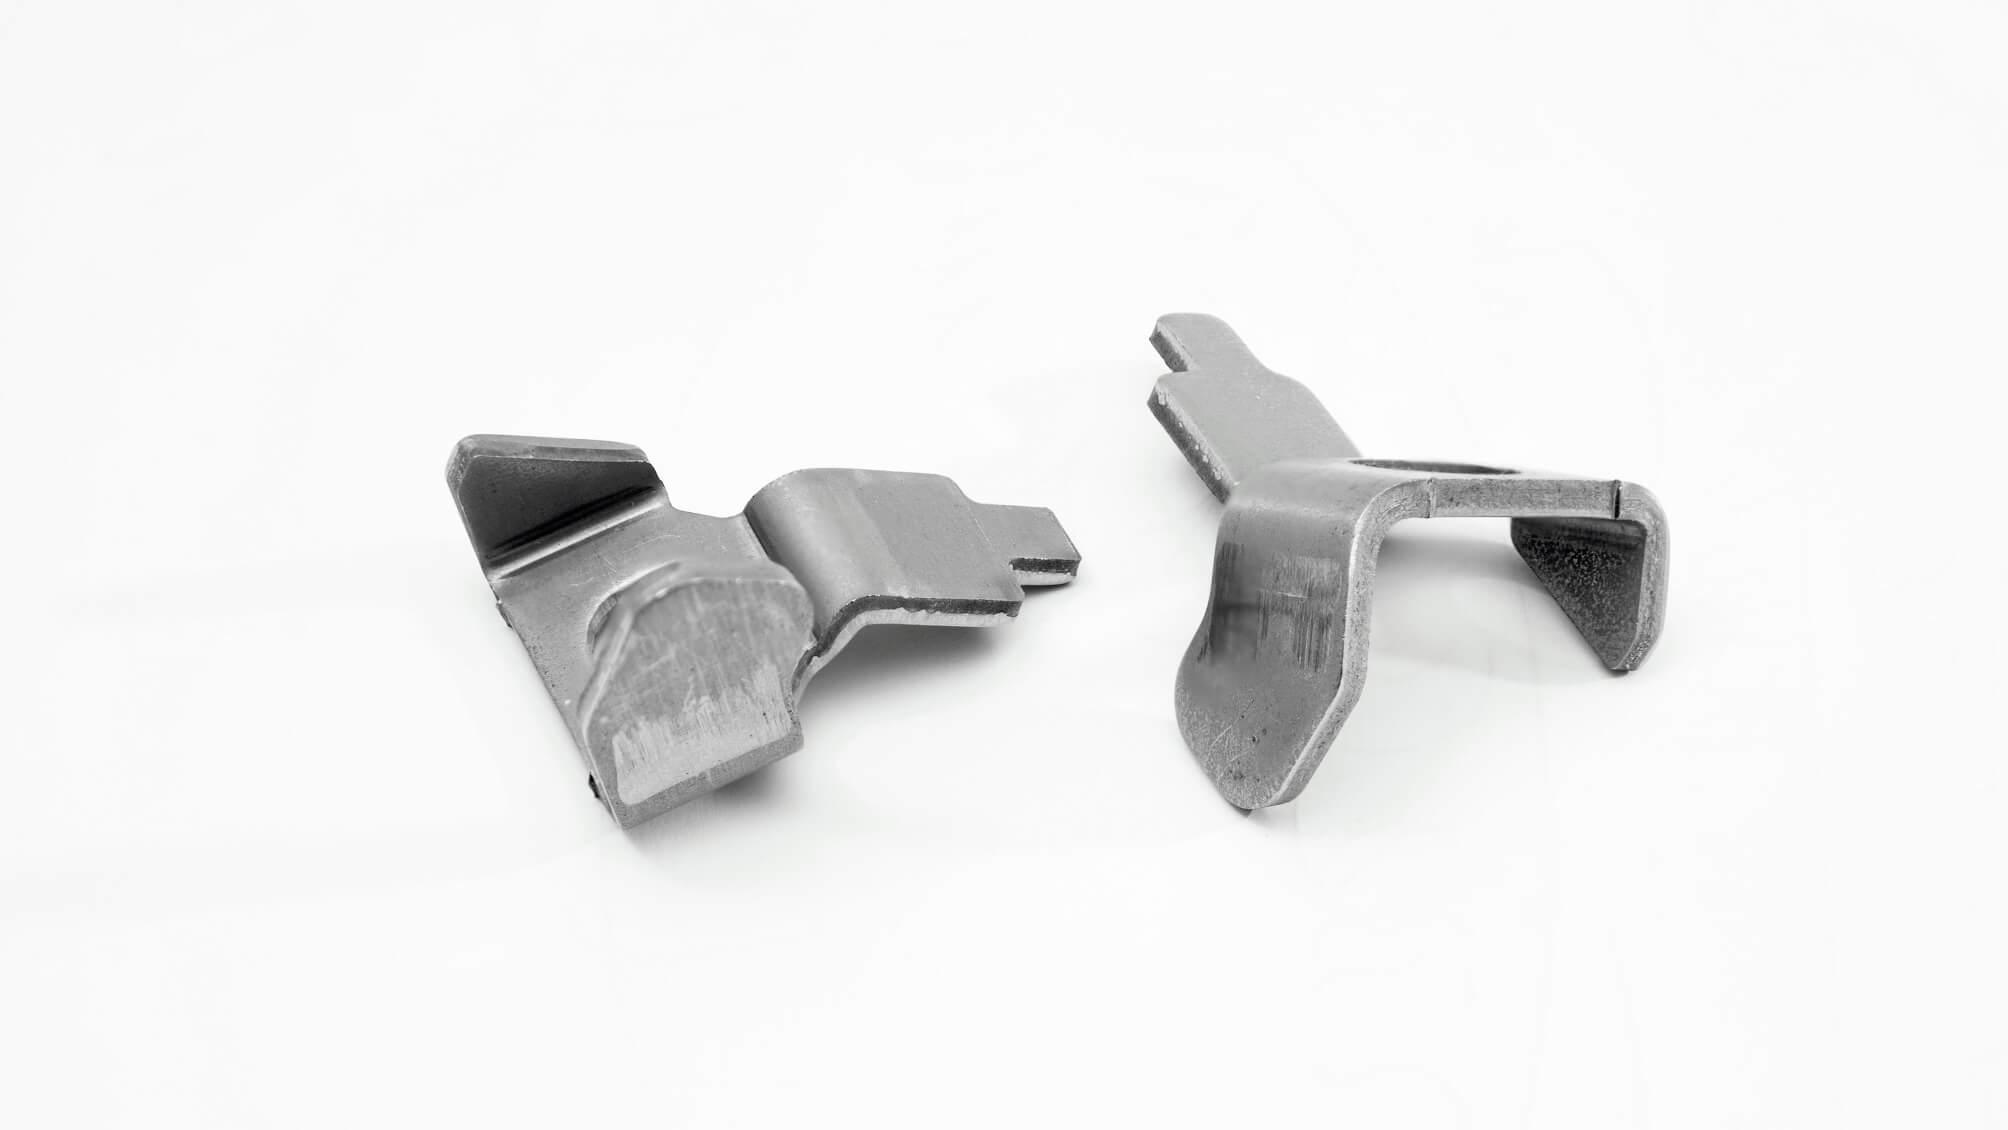 Bauteil aus Warmgewalzten mikrolegierten Stahl in den Güten S315MC, S355MC, S420MC, S460MC, S500MC, S600MC, S650MC, S700MC, S900MC und S960MC.